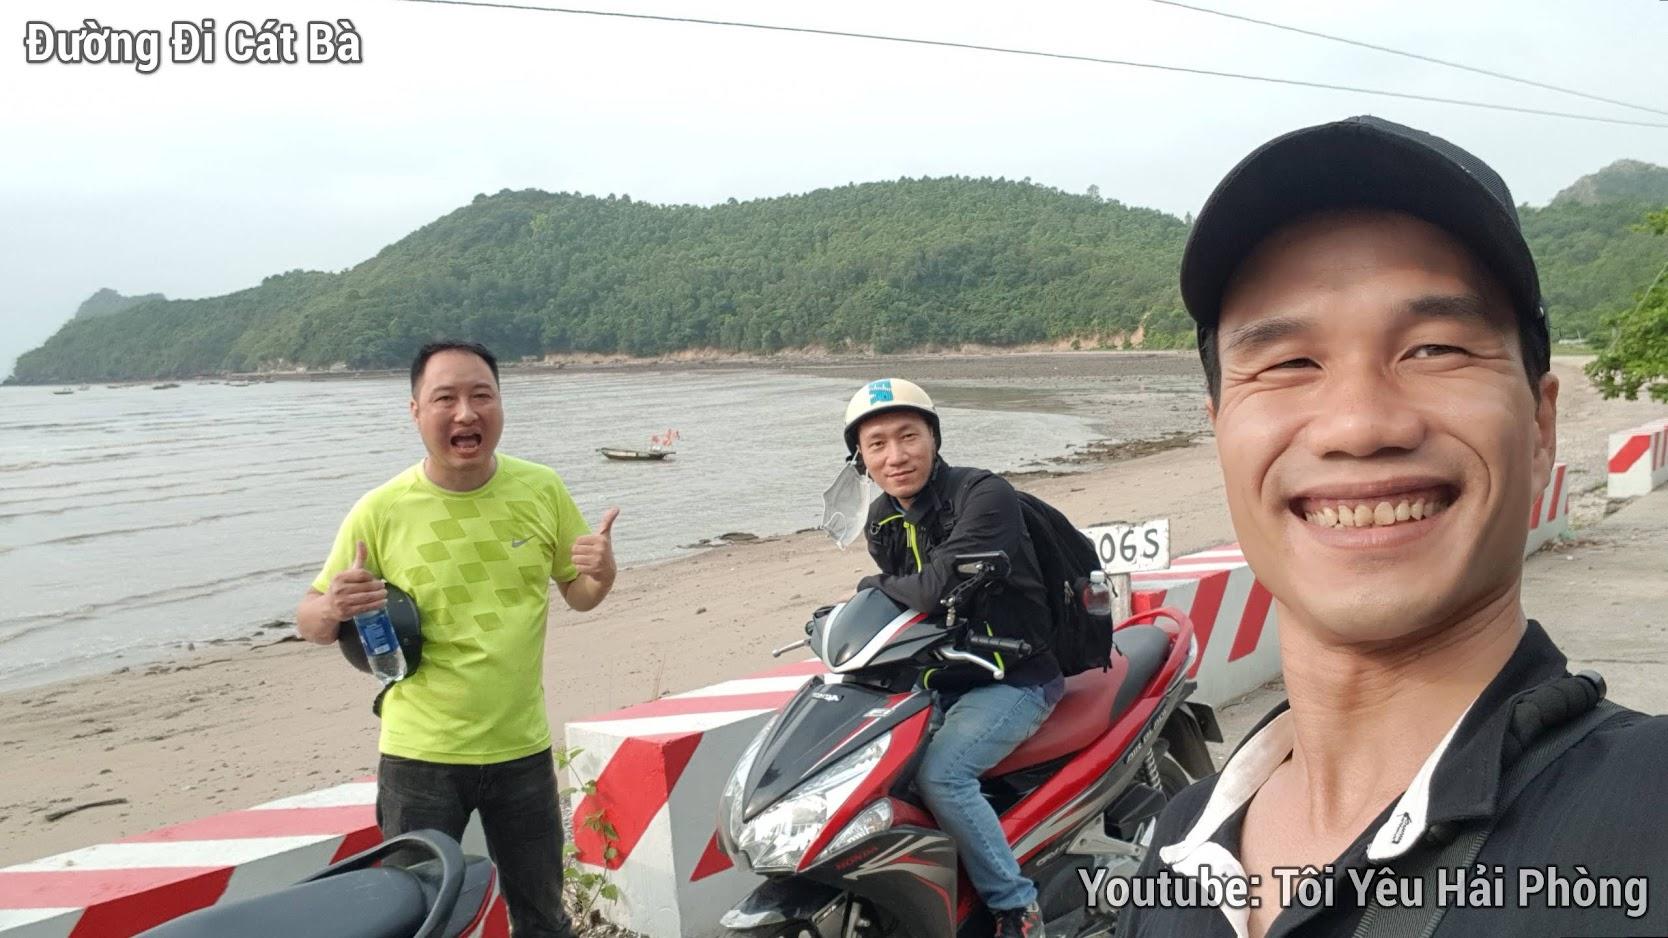 Đường đi xe máy từ Hải Phòng tới đảo Cát Bà 3